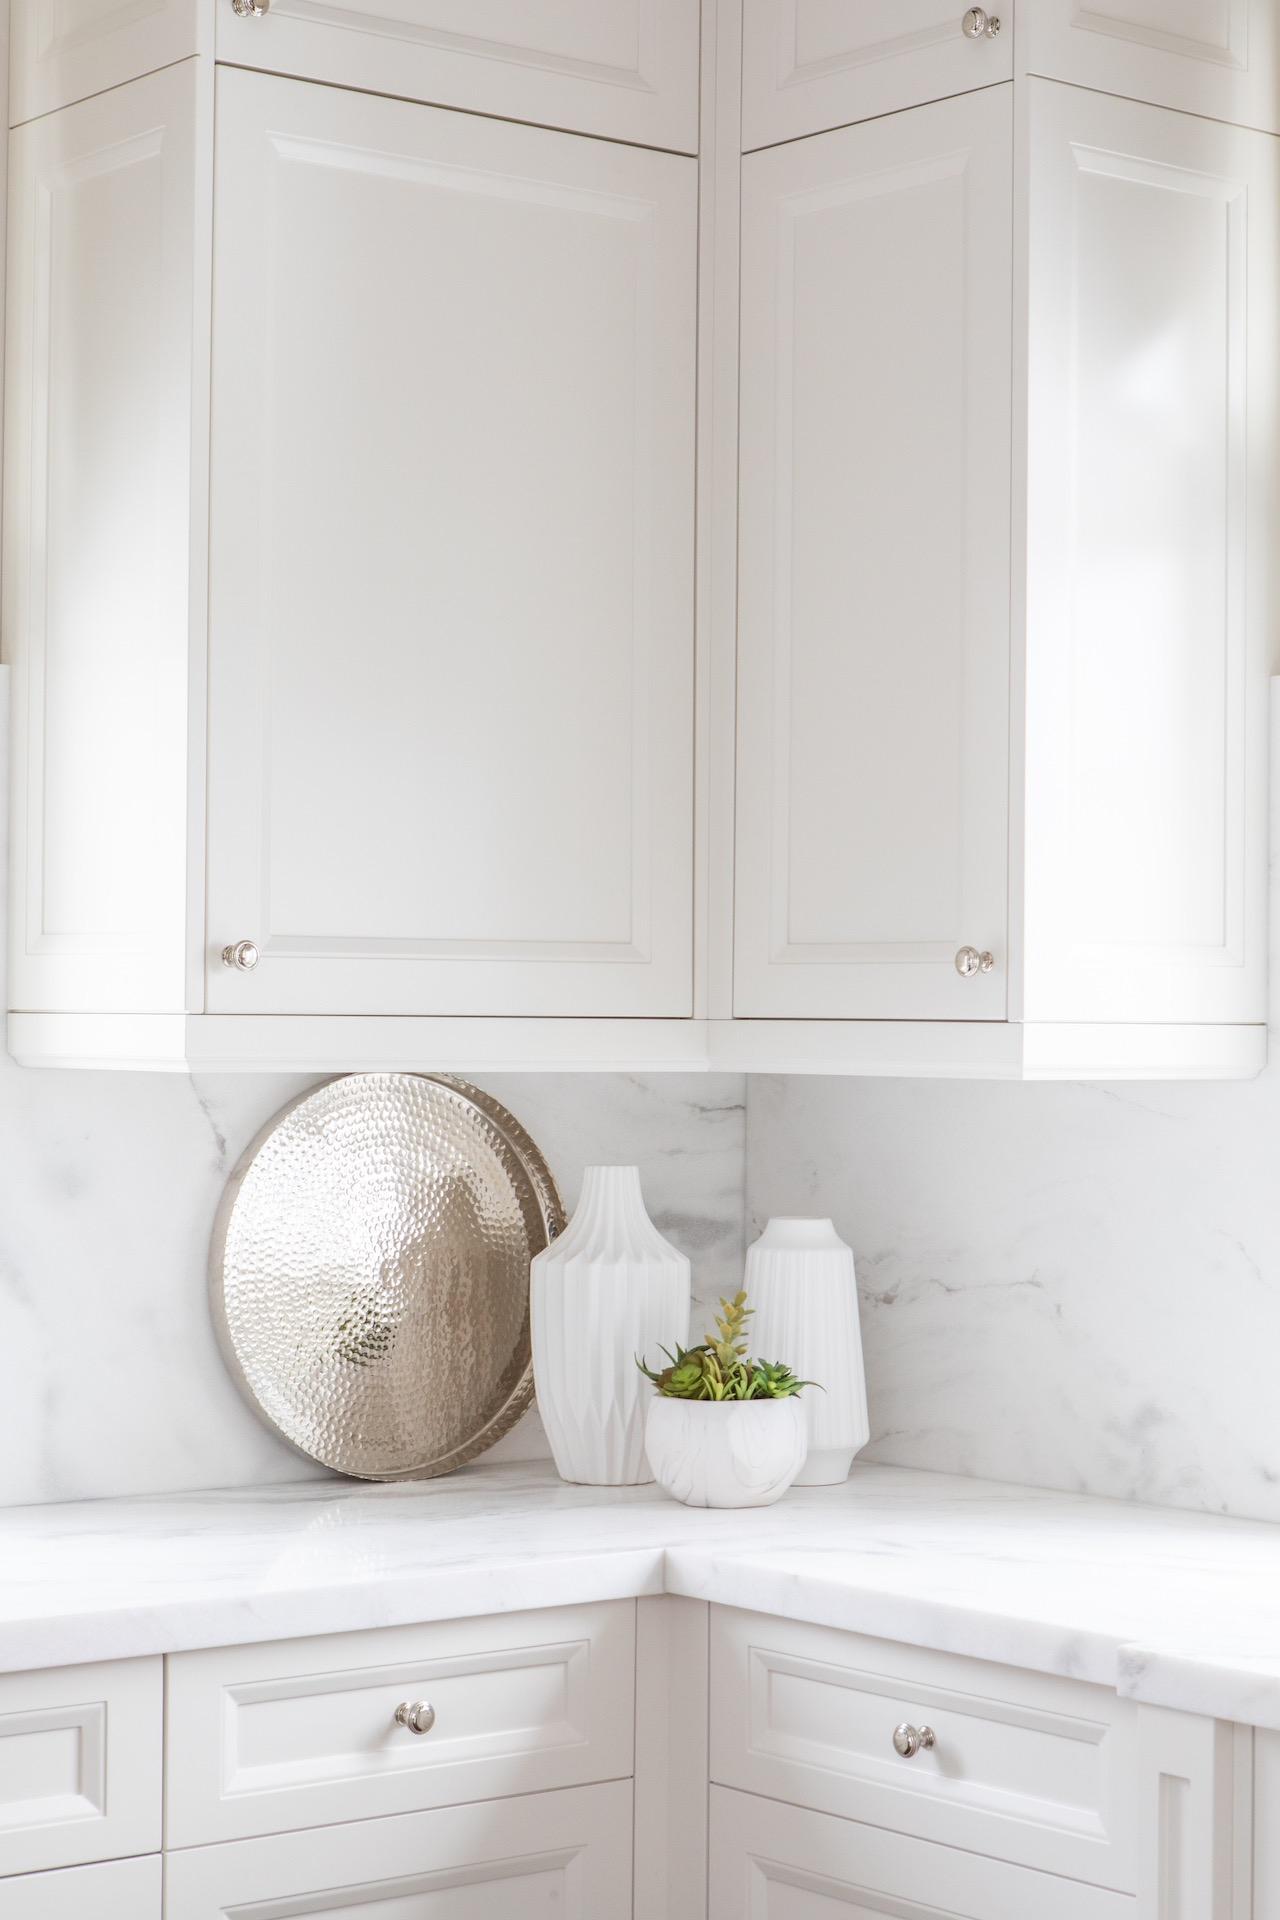 corner of white kitchen counter